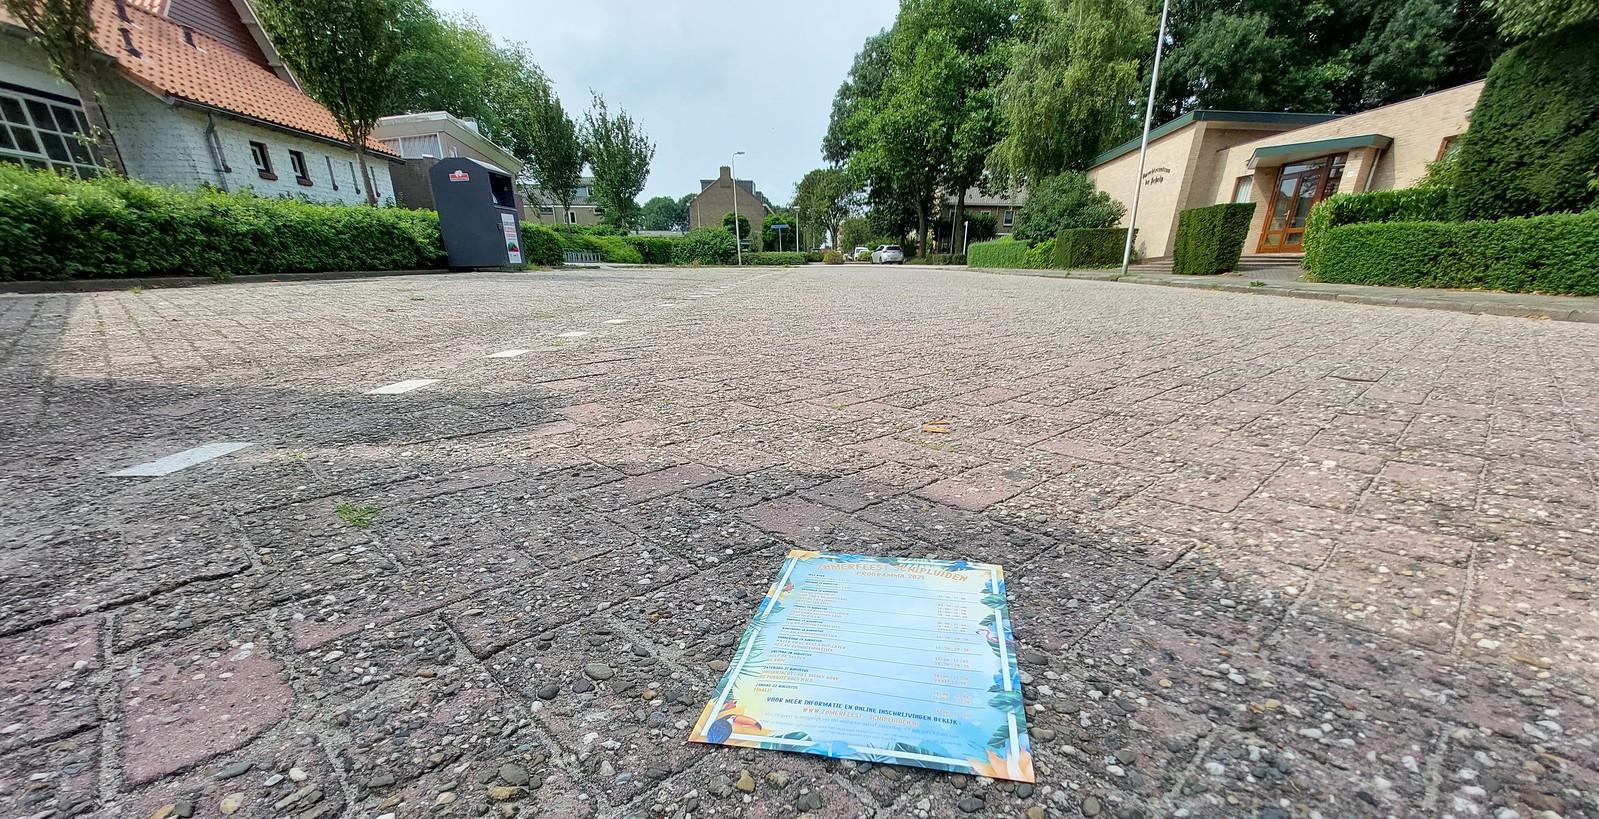 image - Annemieke van Zuylen